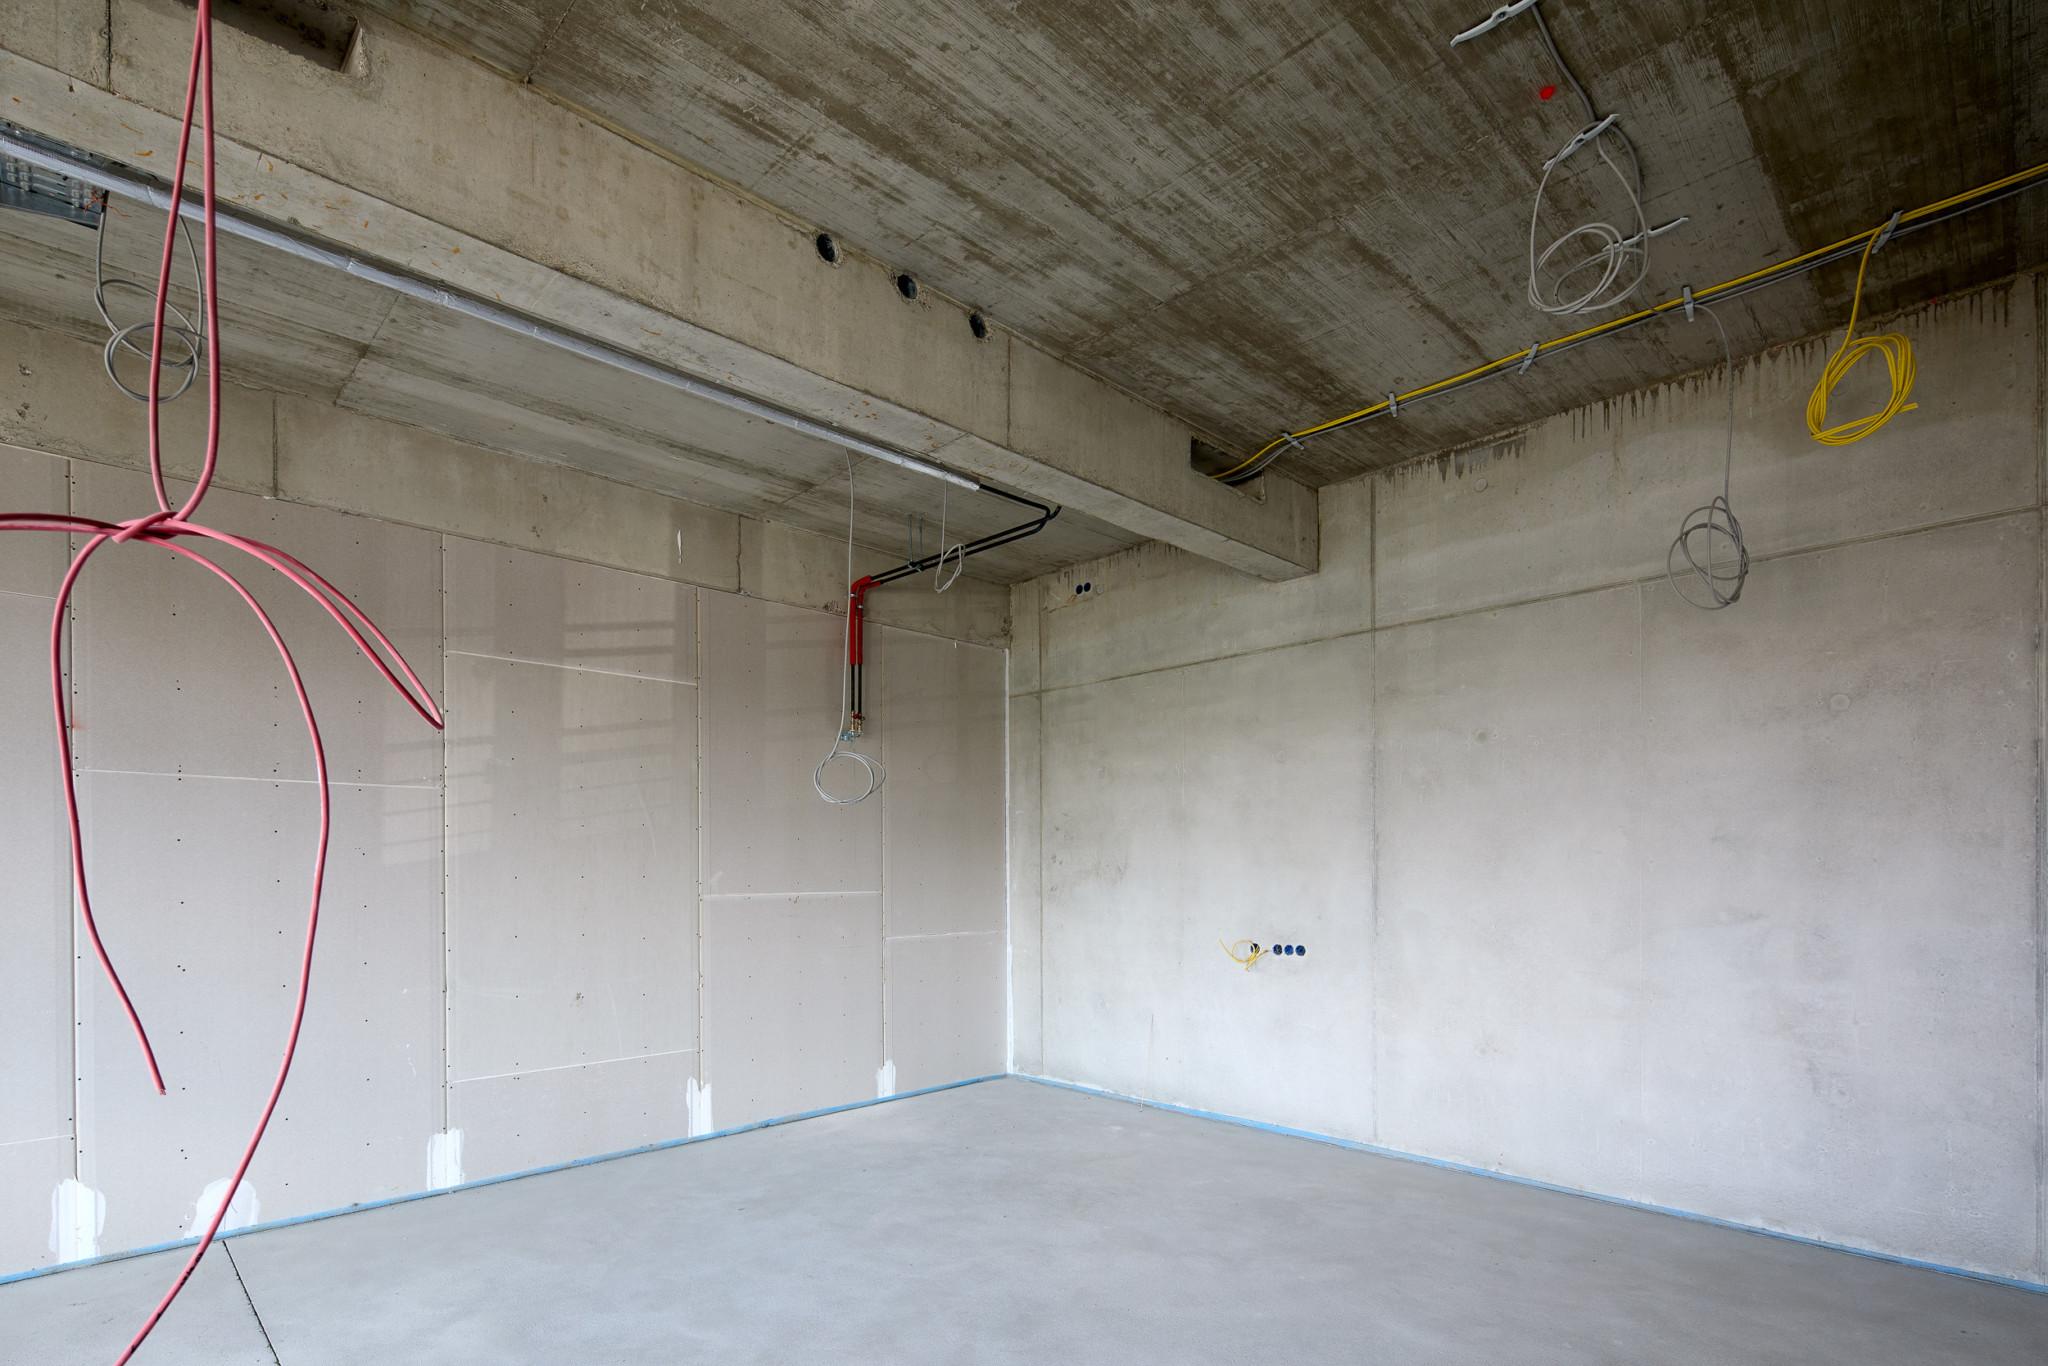 Blick in ein Zimmer, noch unverputzt. Gelbe, rote und graue Kabel hängen von der Decke.